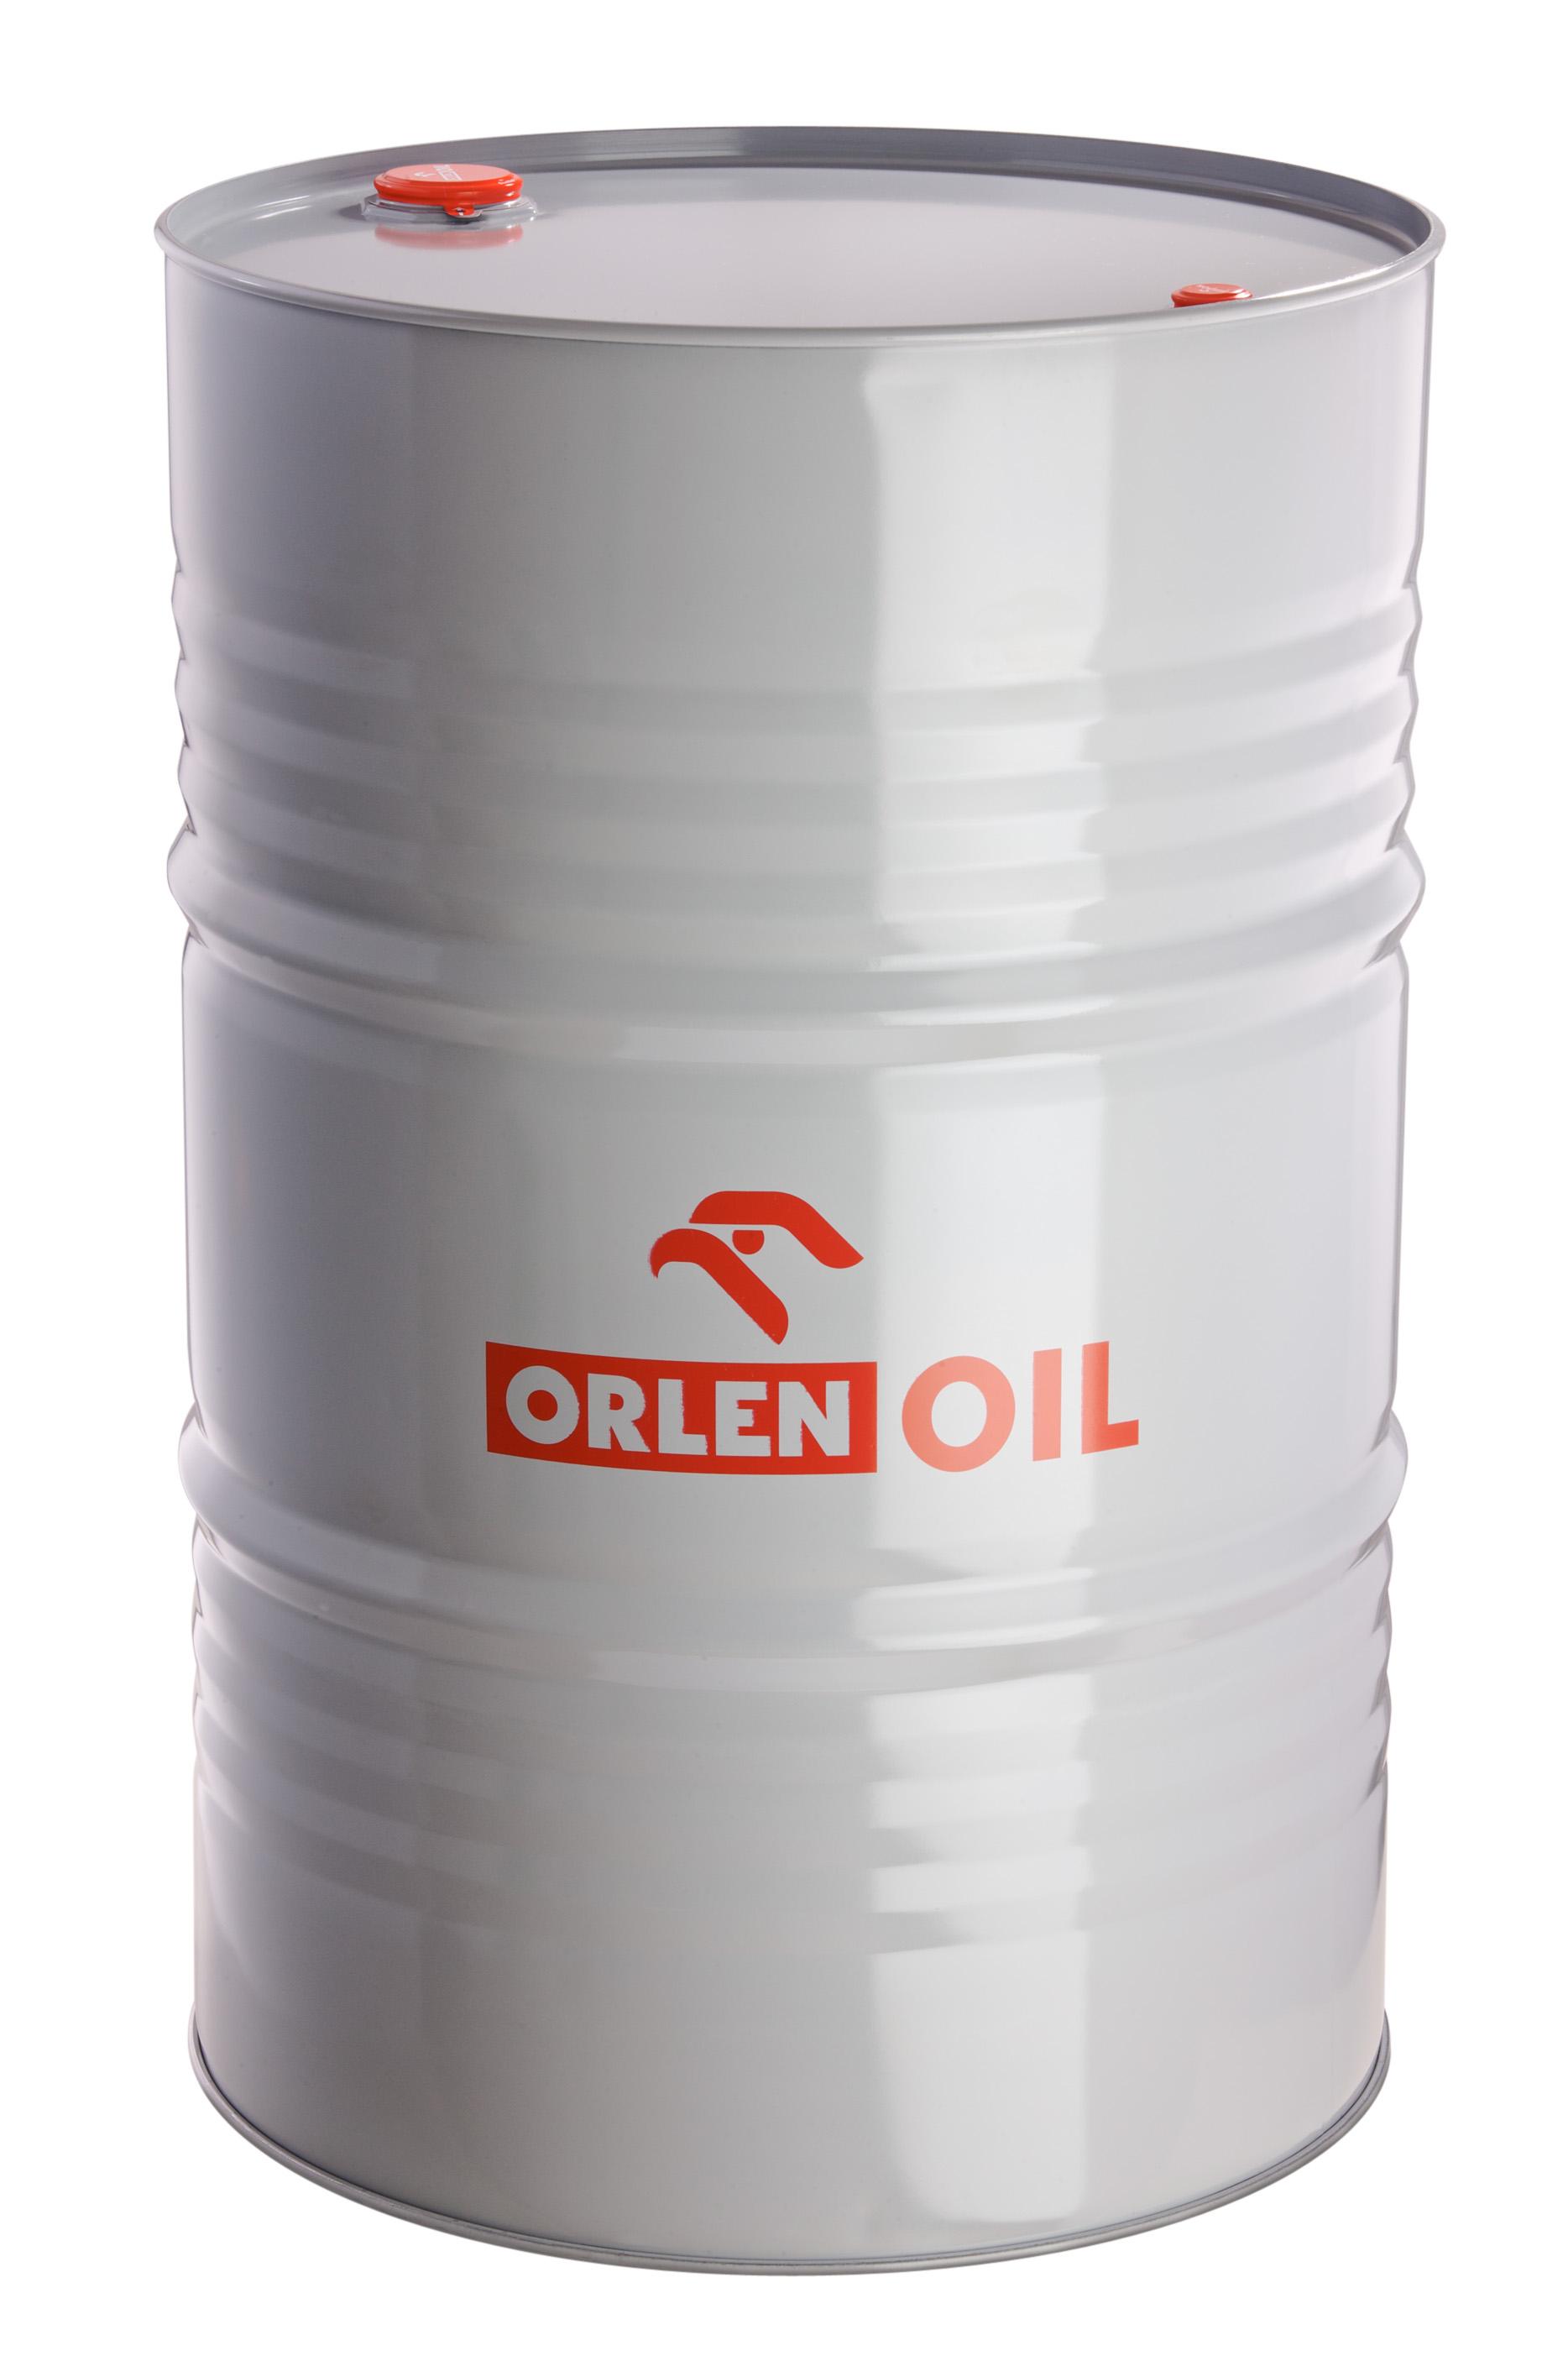 ORLEN OIL BOXOL 26   BECZKA 205L